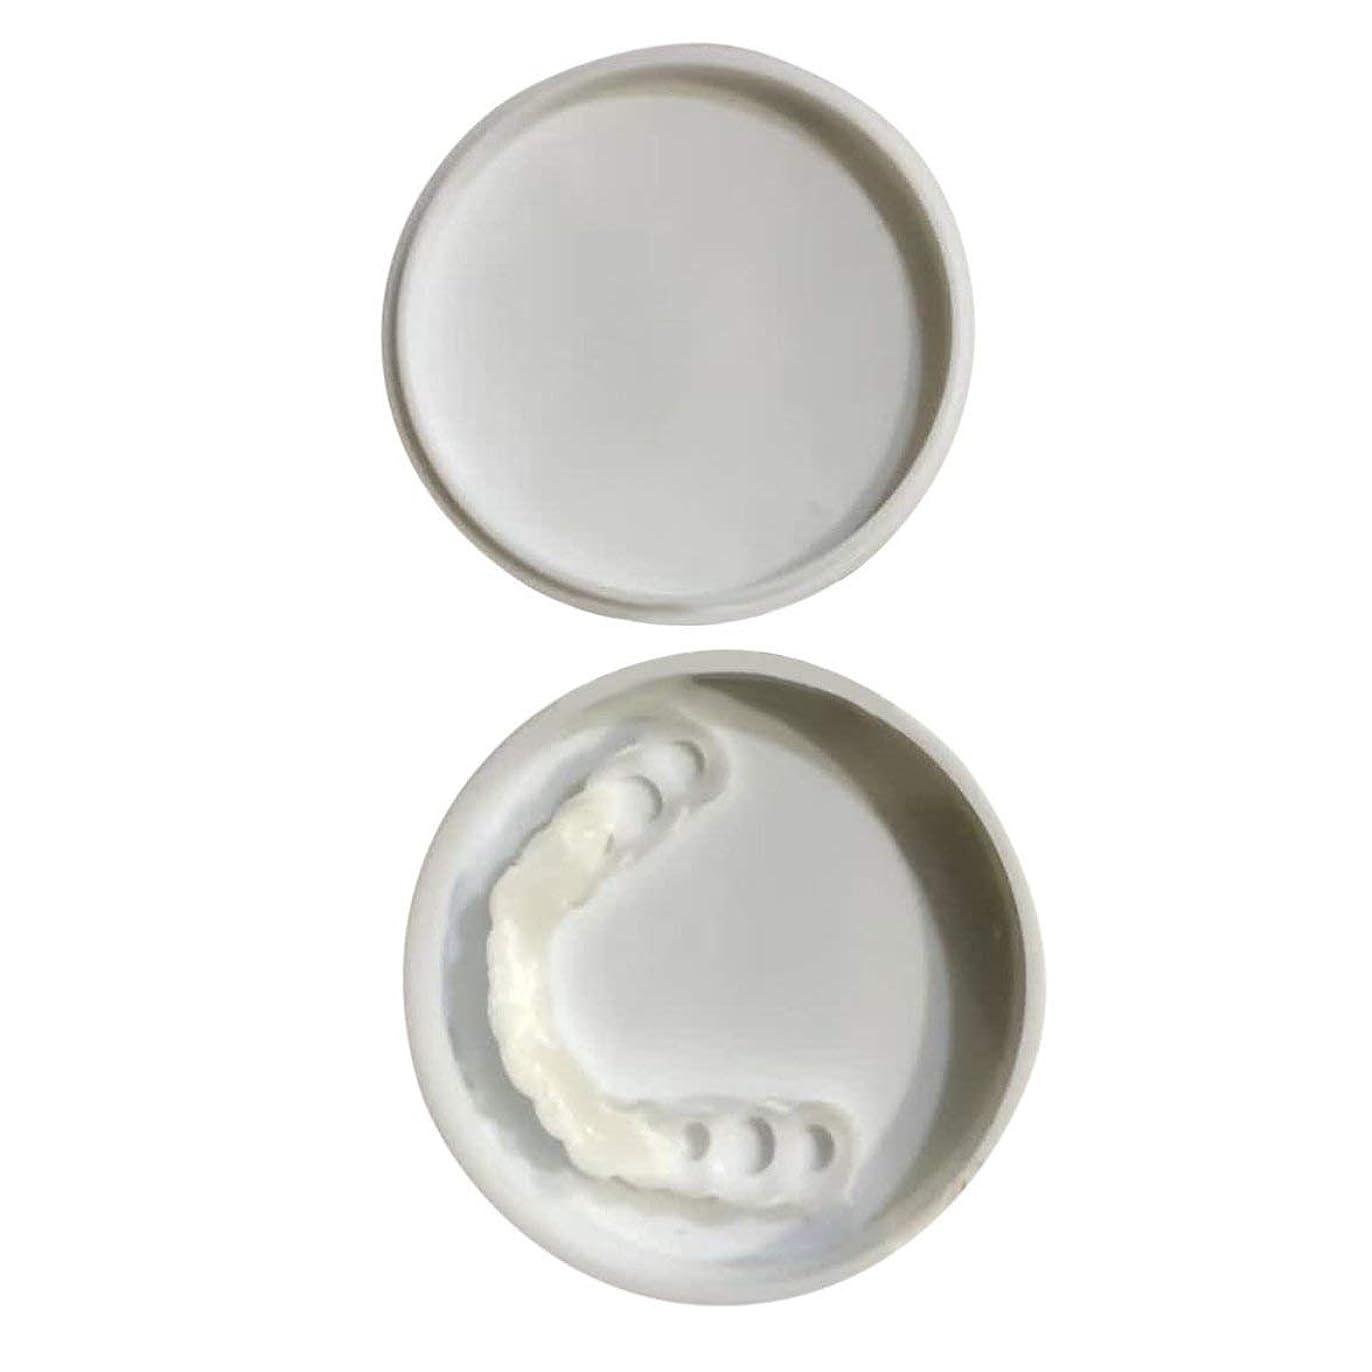 レイテンション影響を受けやすいです快適なスナップオン男性女性歯インスタントパーフェクトスマイルコンフォートフィットフレックス歯フィットホワイトニング笑顔偽歯カバー - ホワイト